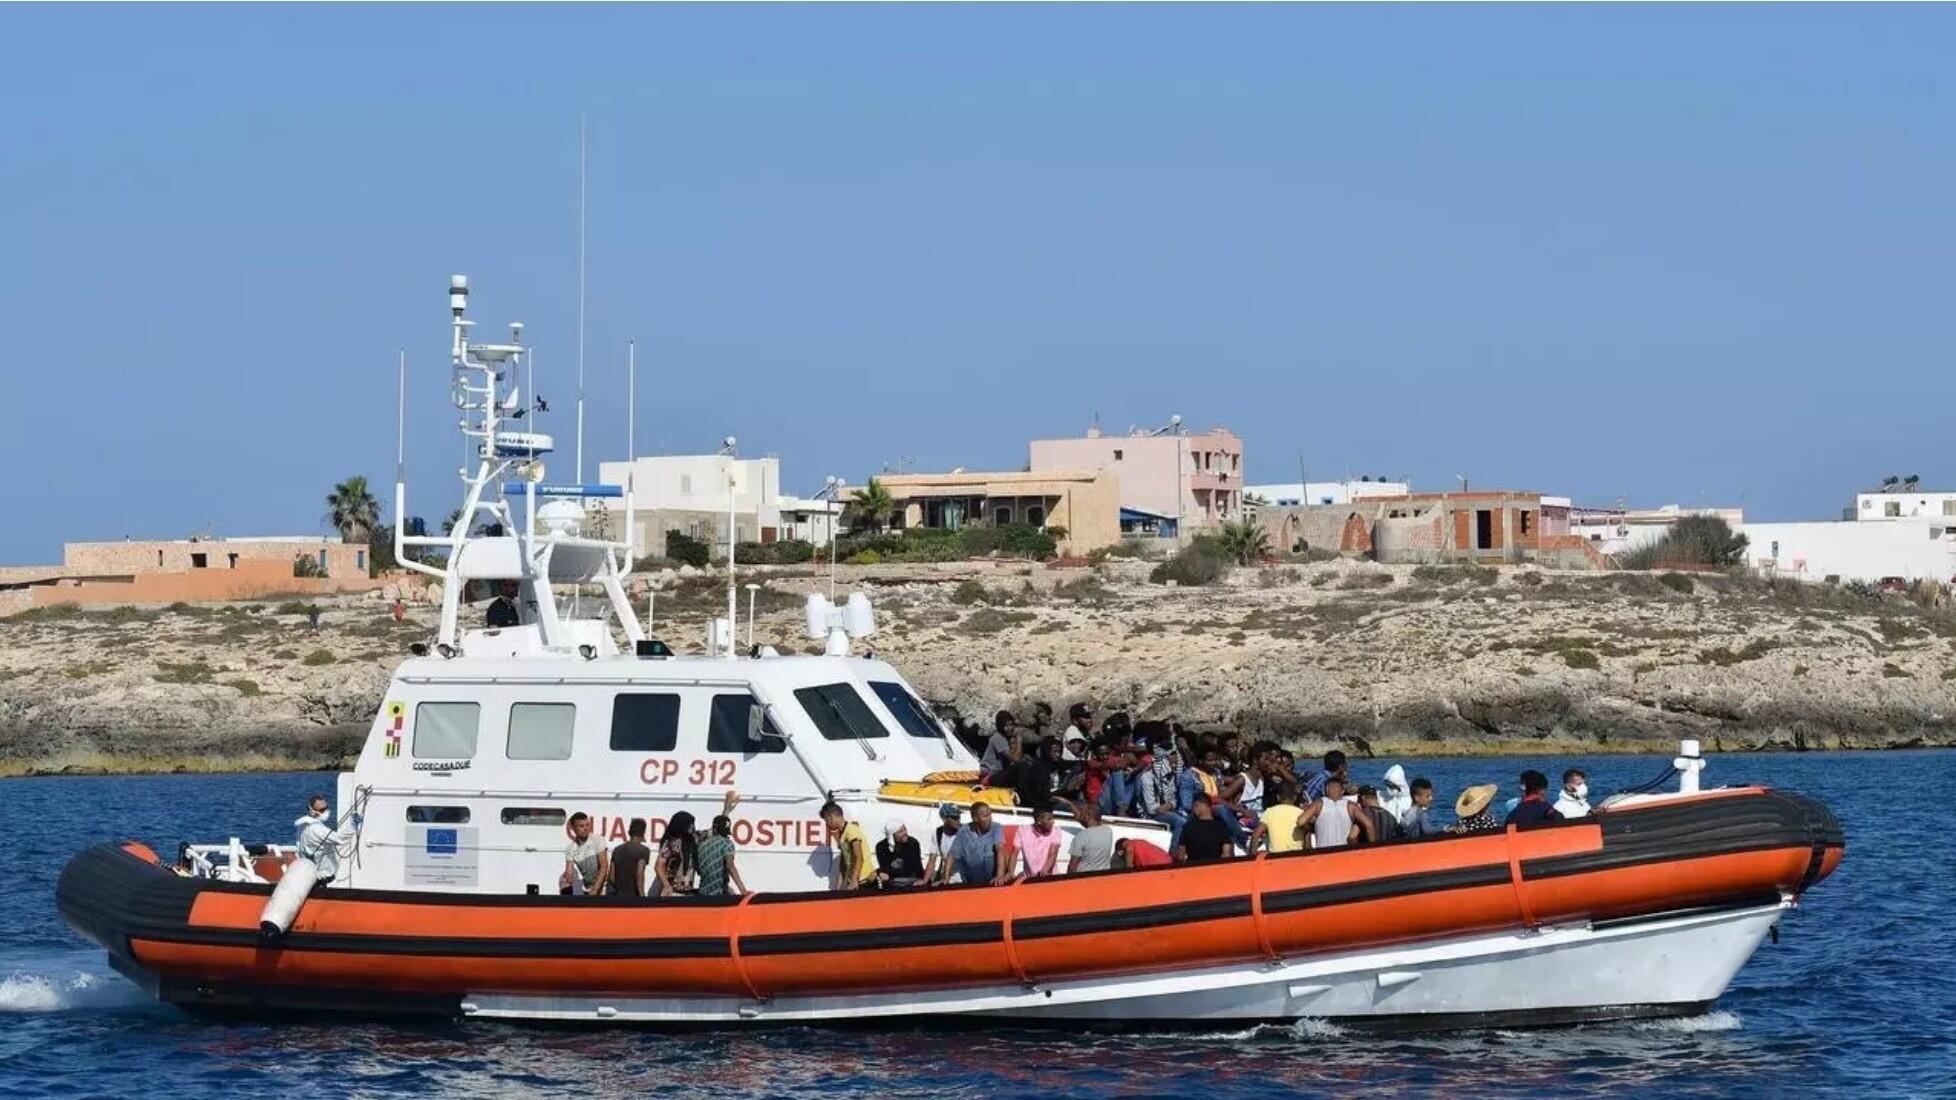 Migrantes de Túnez y Libia llegan a bordo de un barco italiano de la Guardia Costiera a la isla de Lampedusa el 1 de agosto de 2020.